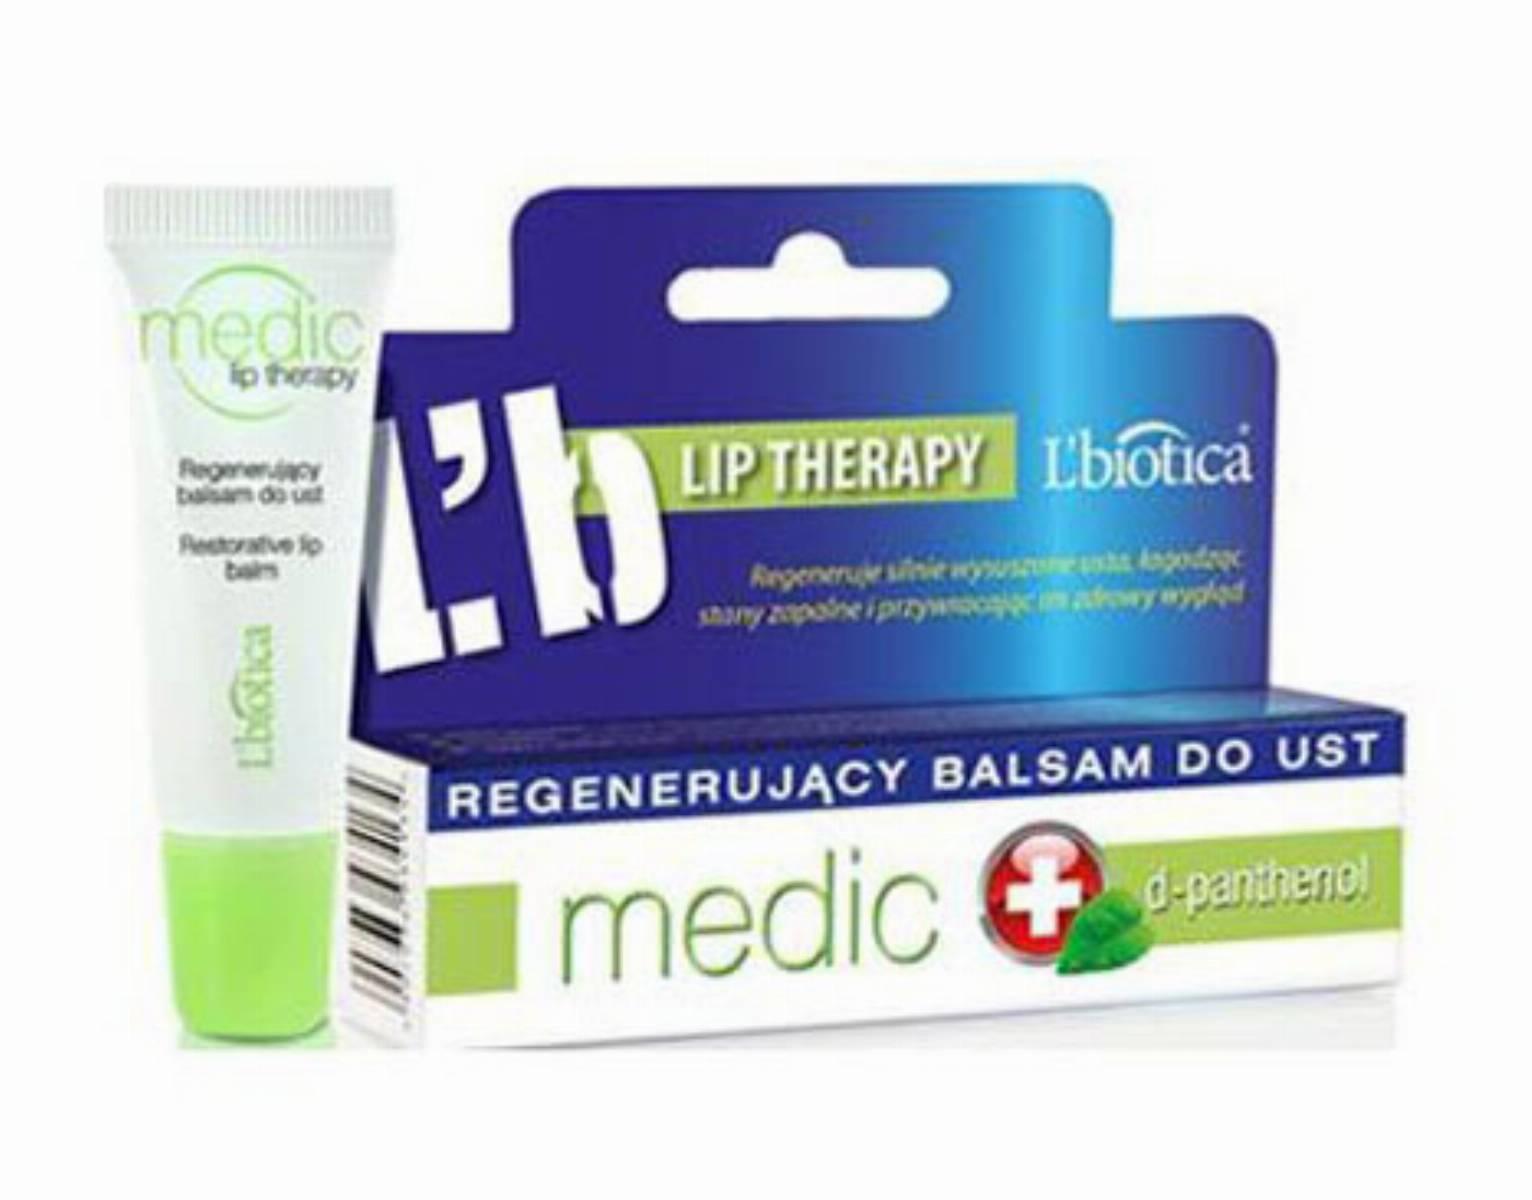 L'biotica - Regenerujacy balsam do ust Medi